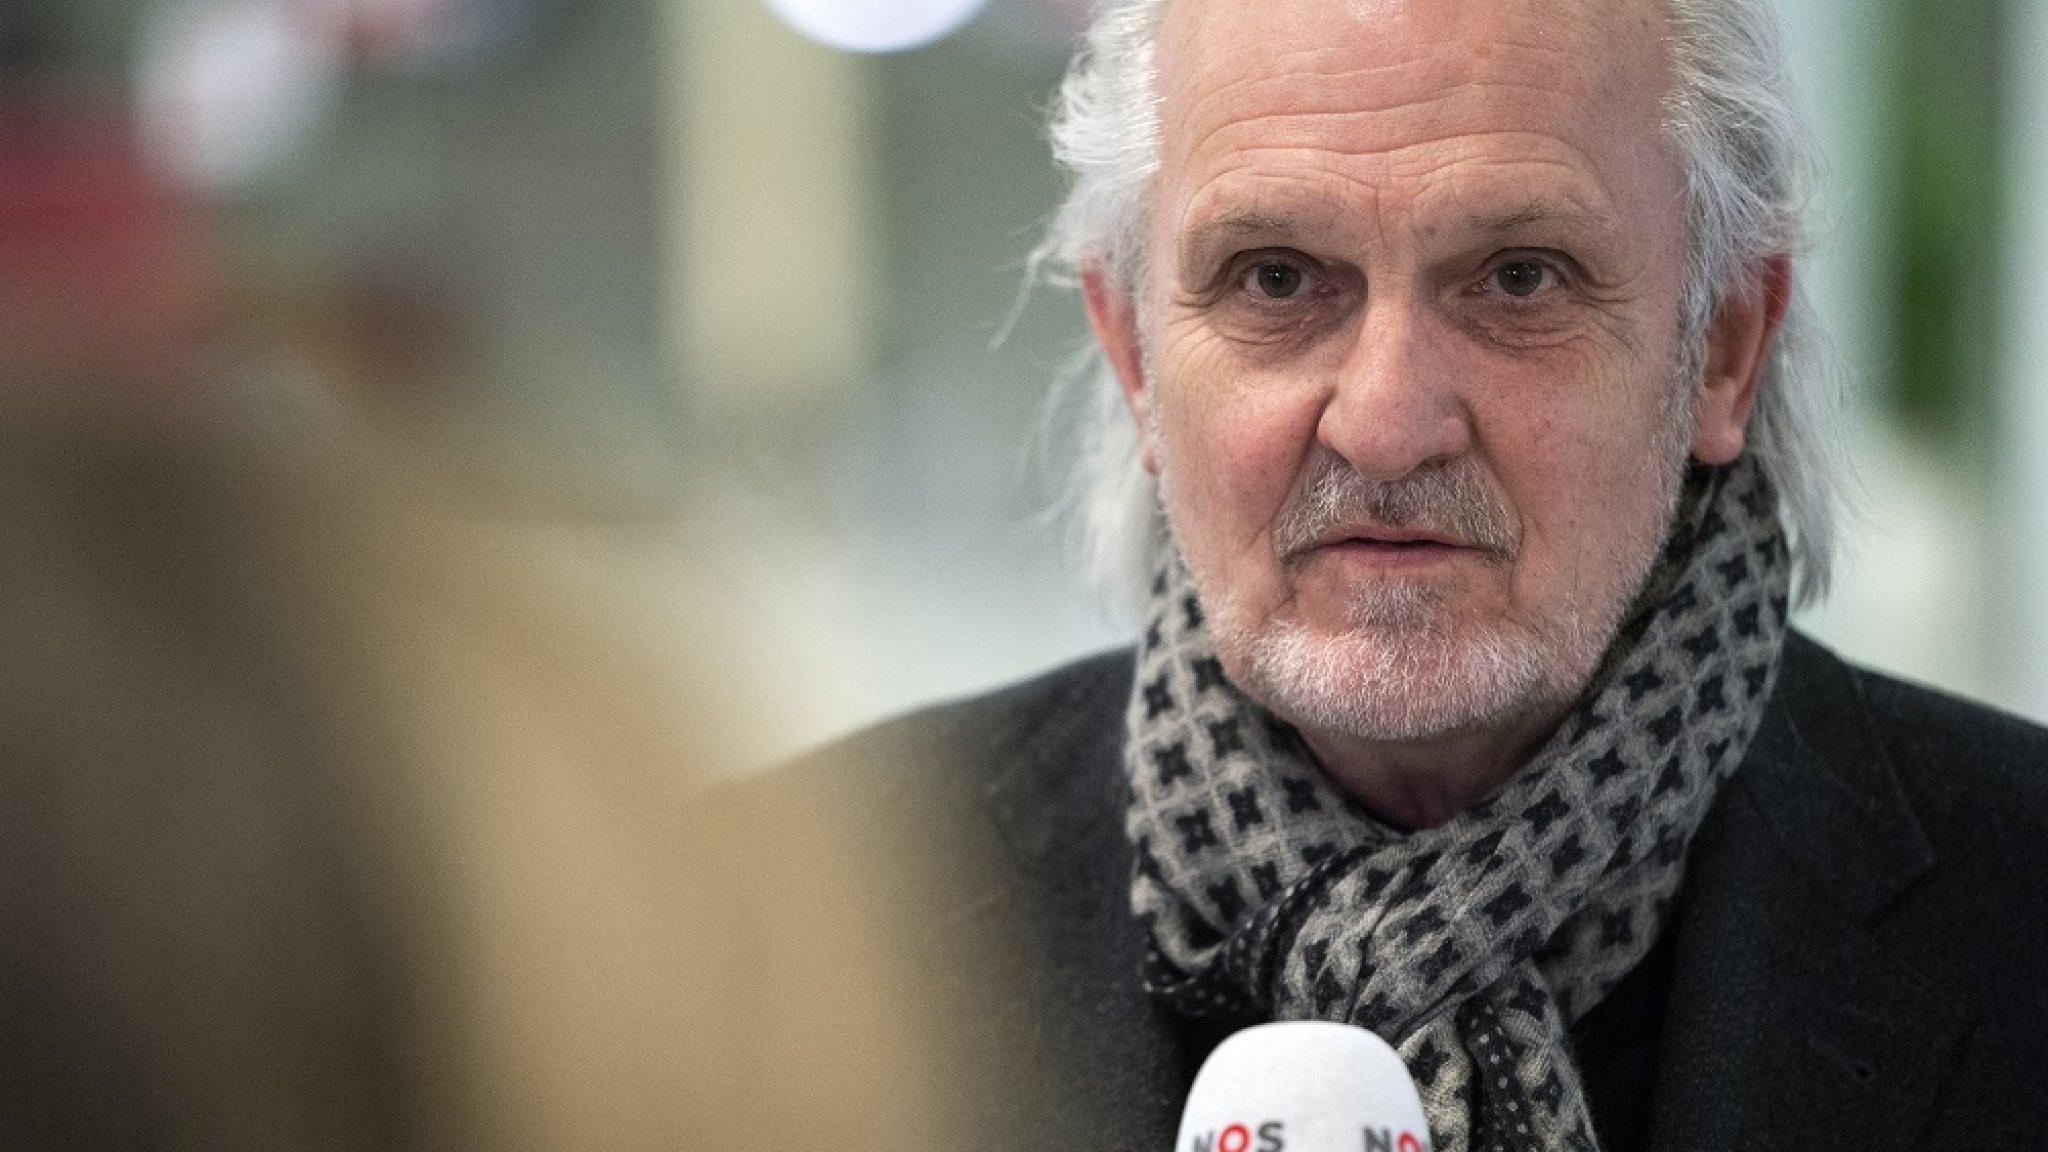 Burgemeester Hilversum: 'Gooi de terrassen weer open' - RTL Nieuws